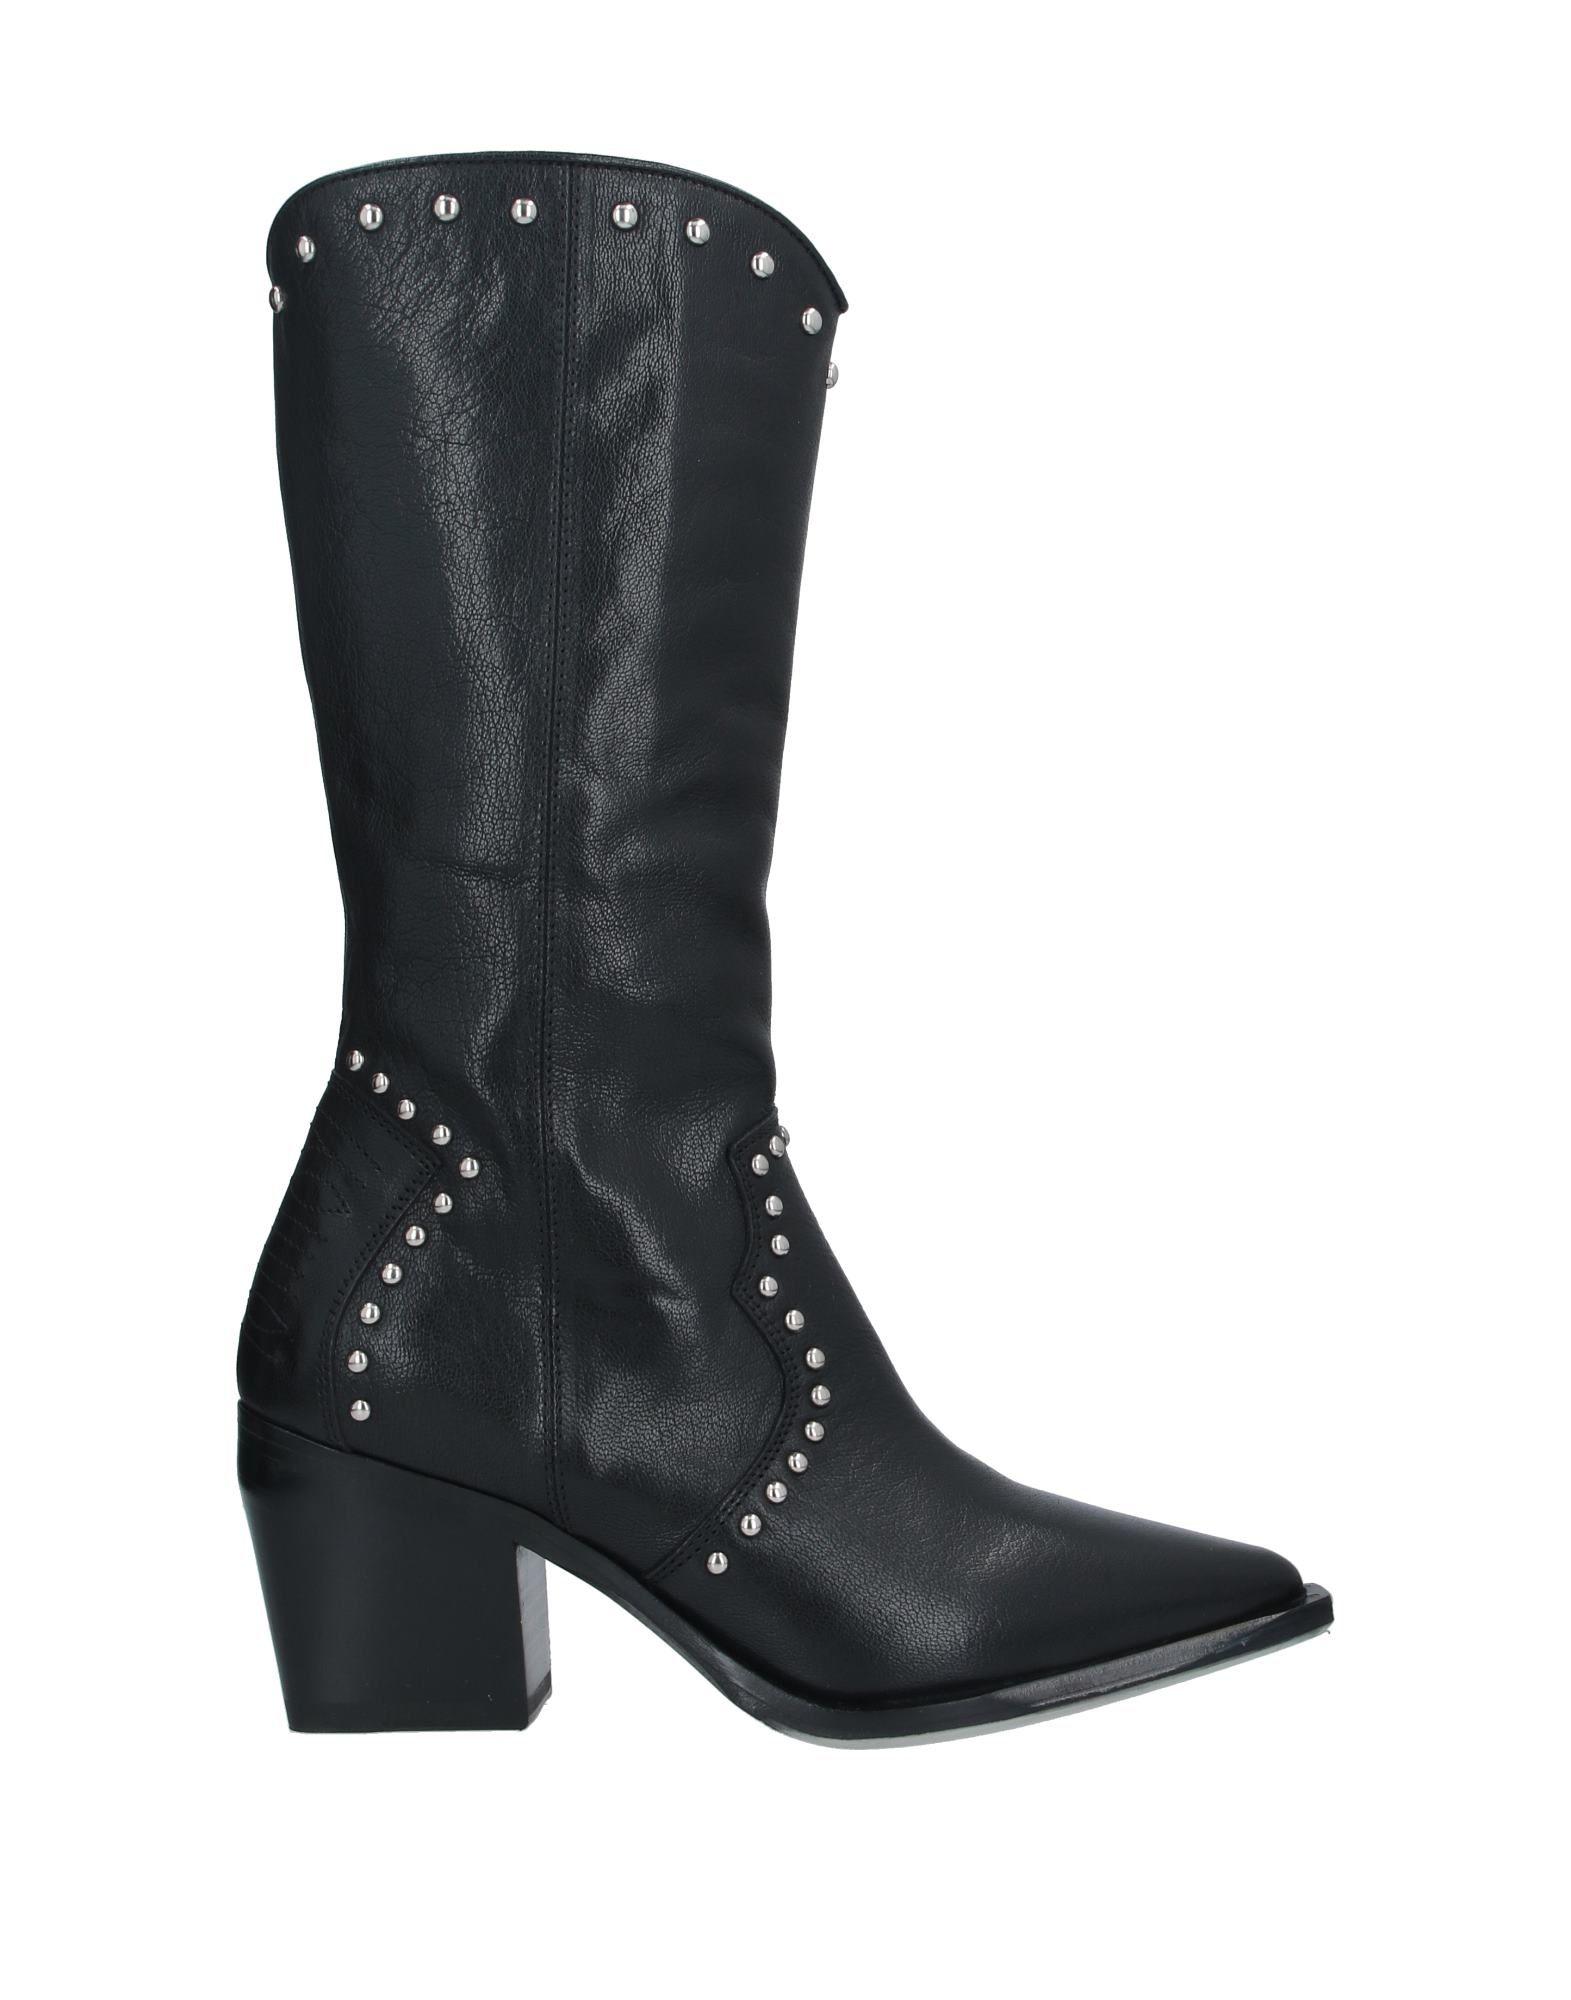 LAURA BELLARIVA Boots - Item 11897175